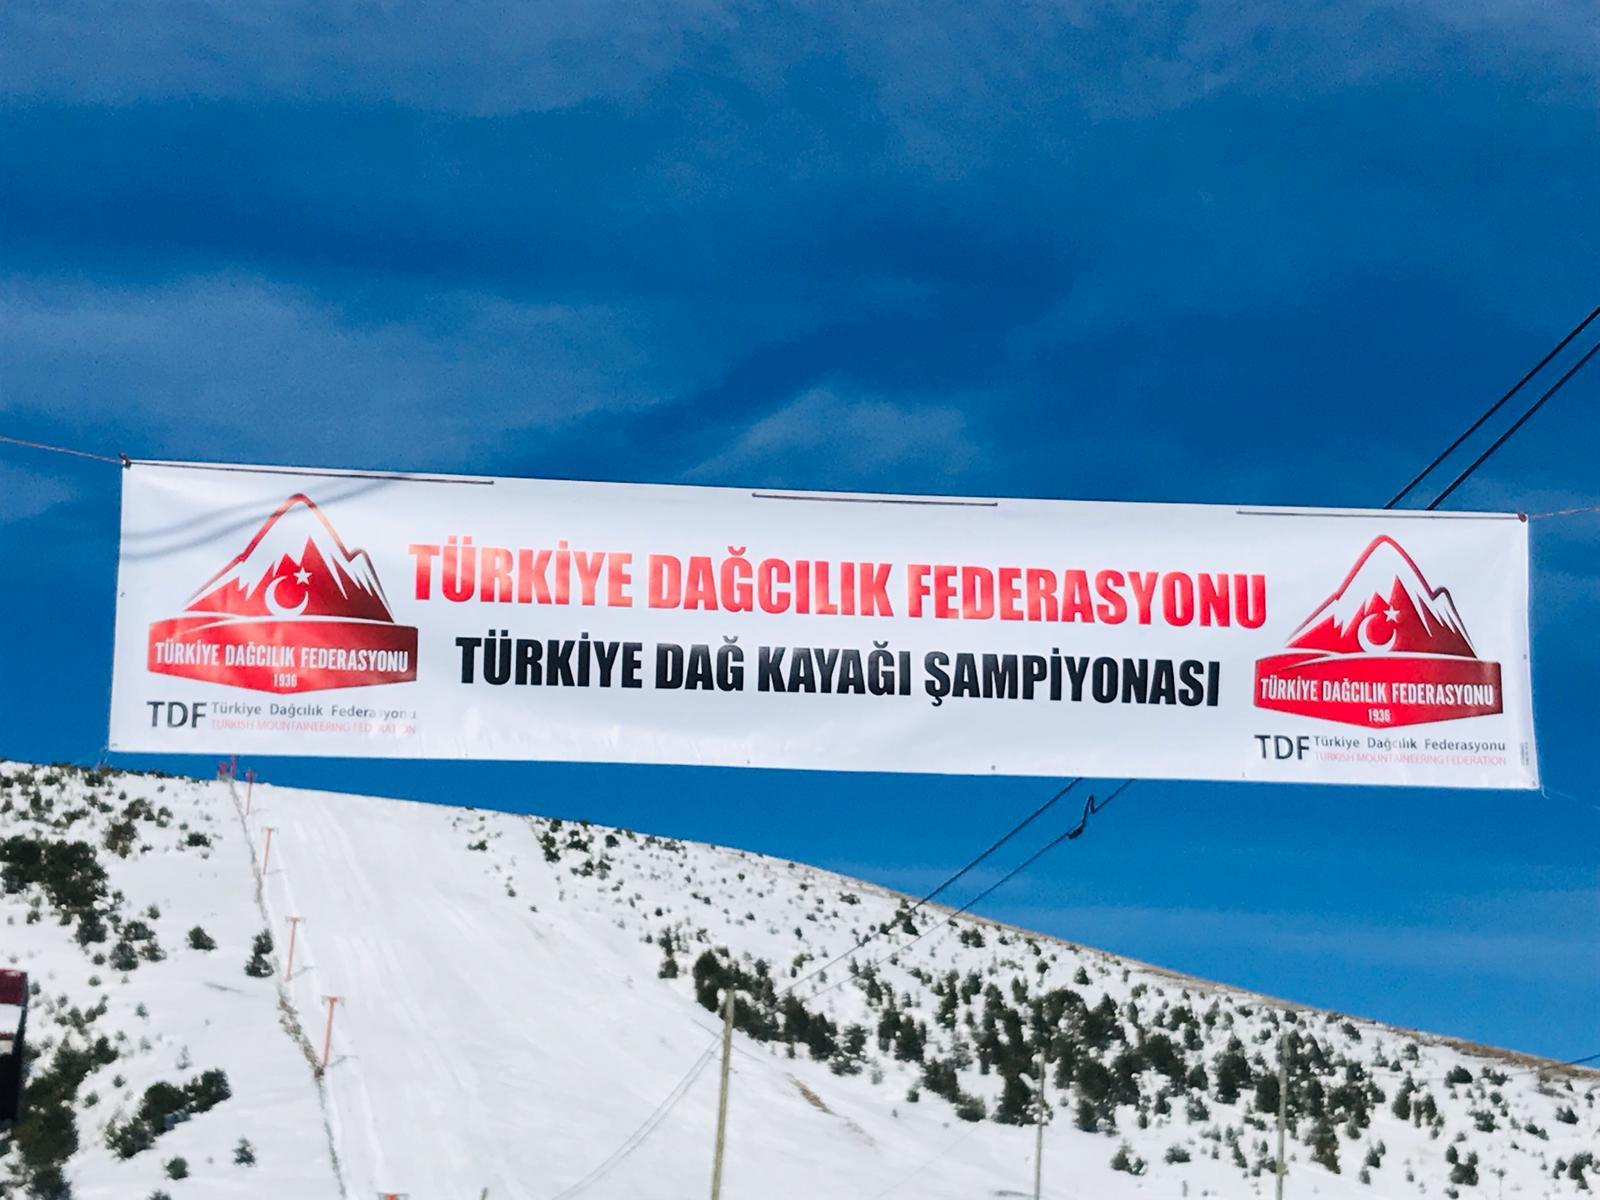 Dağ Kayağı Branşımız Okul Sporlarında